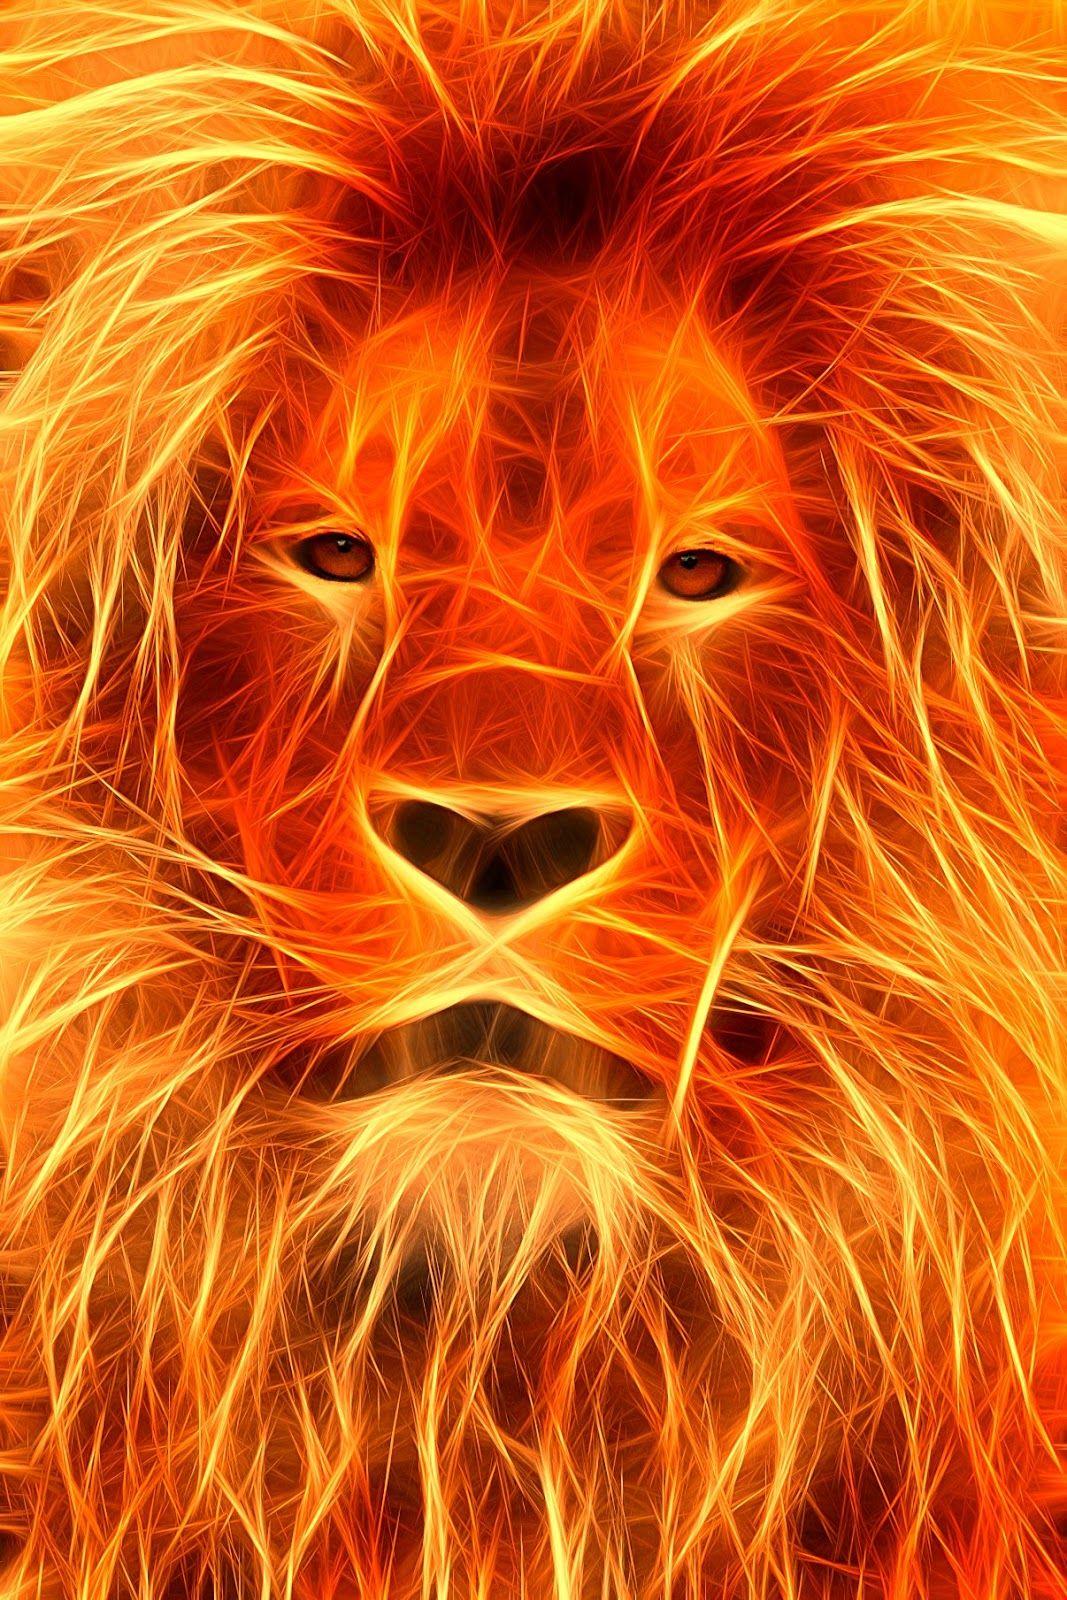 The Fire Lion With Images Fire Lion Lion Images Lion Art